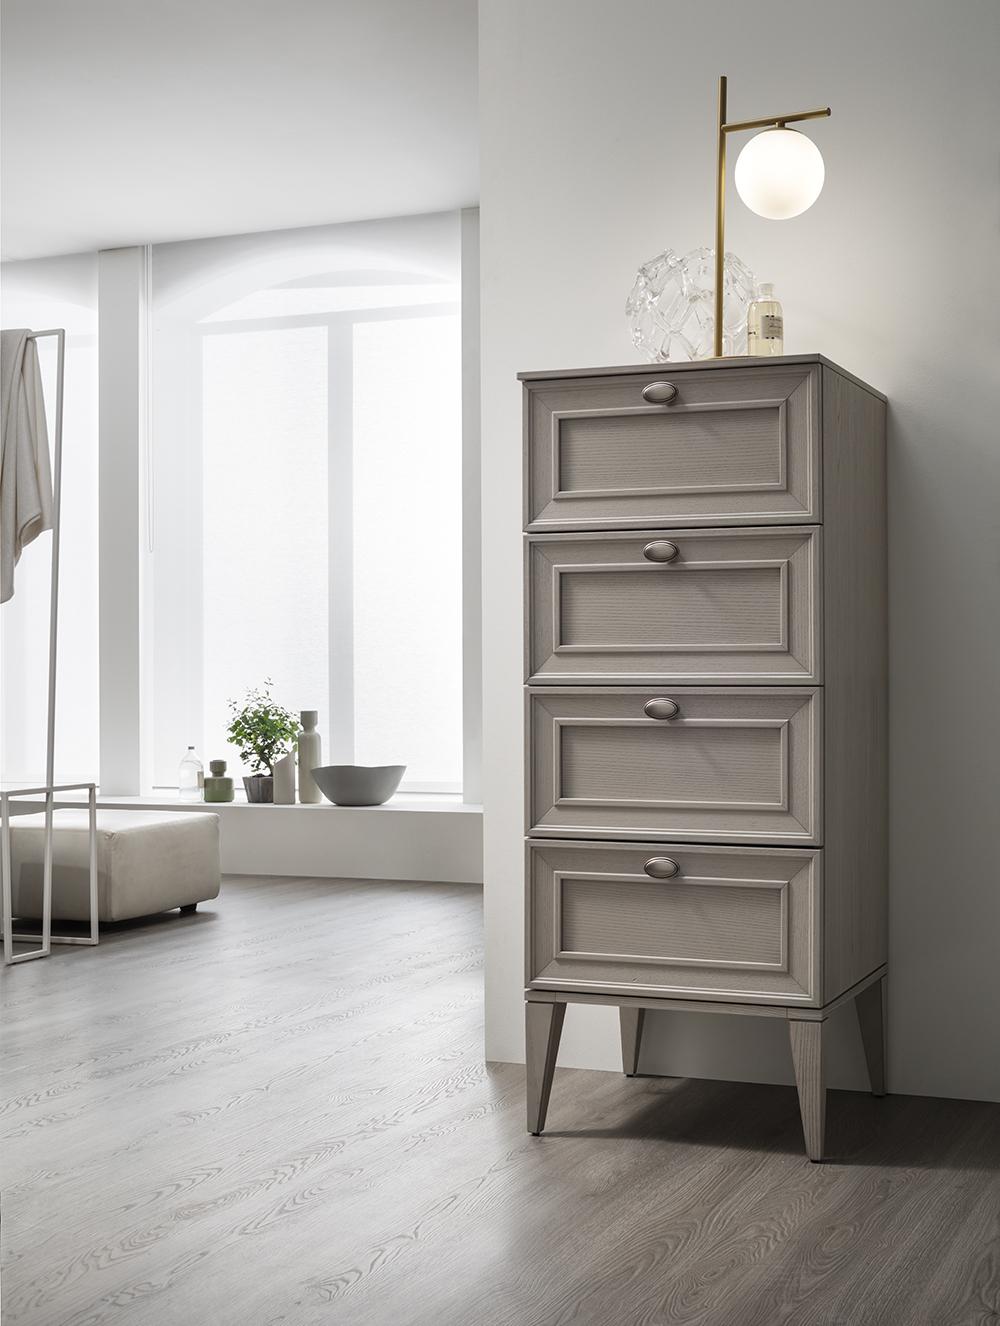 Settimini - La cassettiera è un arredo pratico ed elegante in ogni ambiente.